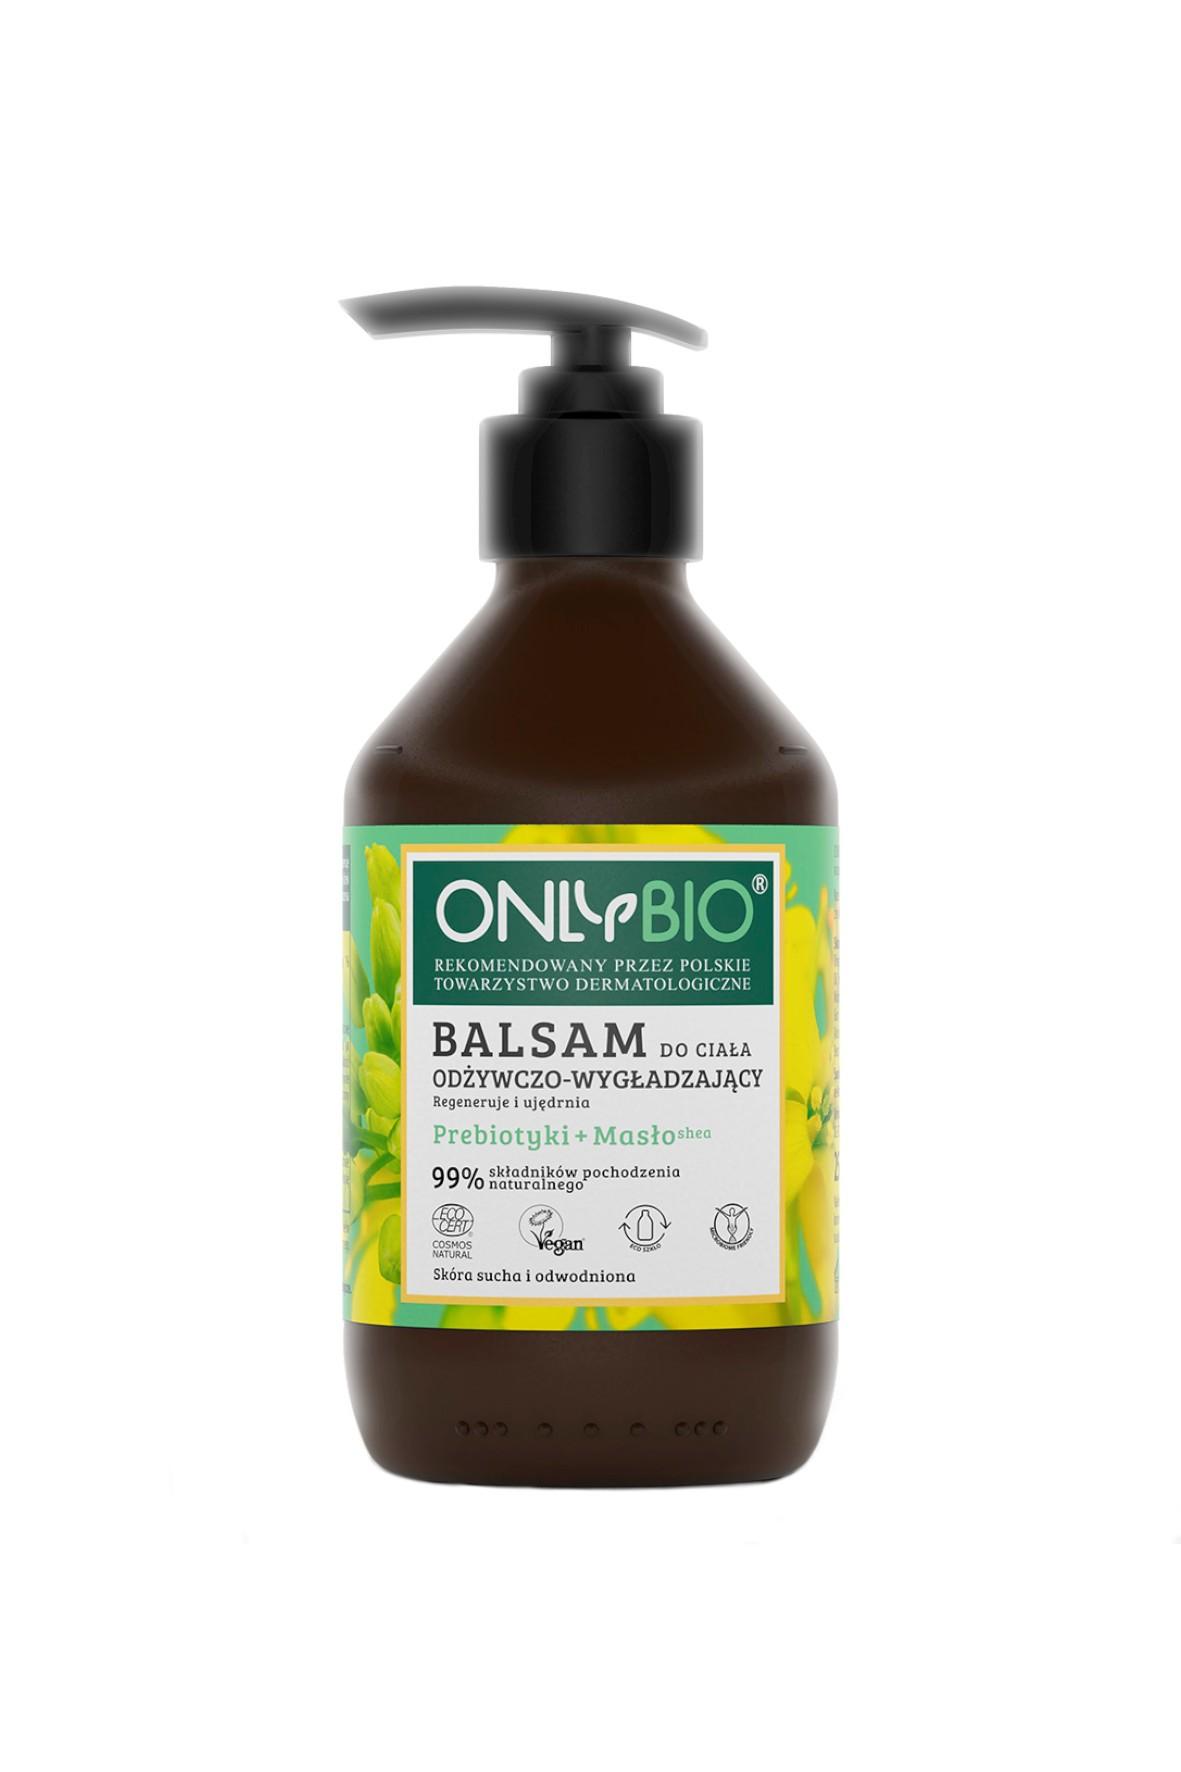 Balsam do ciała odżywczo-wygładzający OnlyBio 250ml